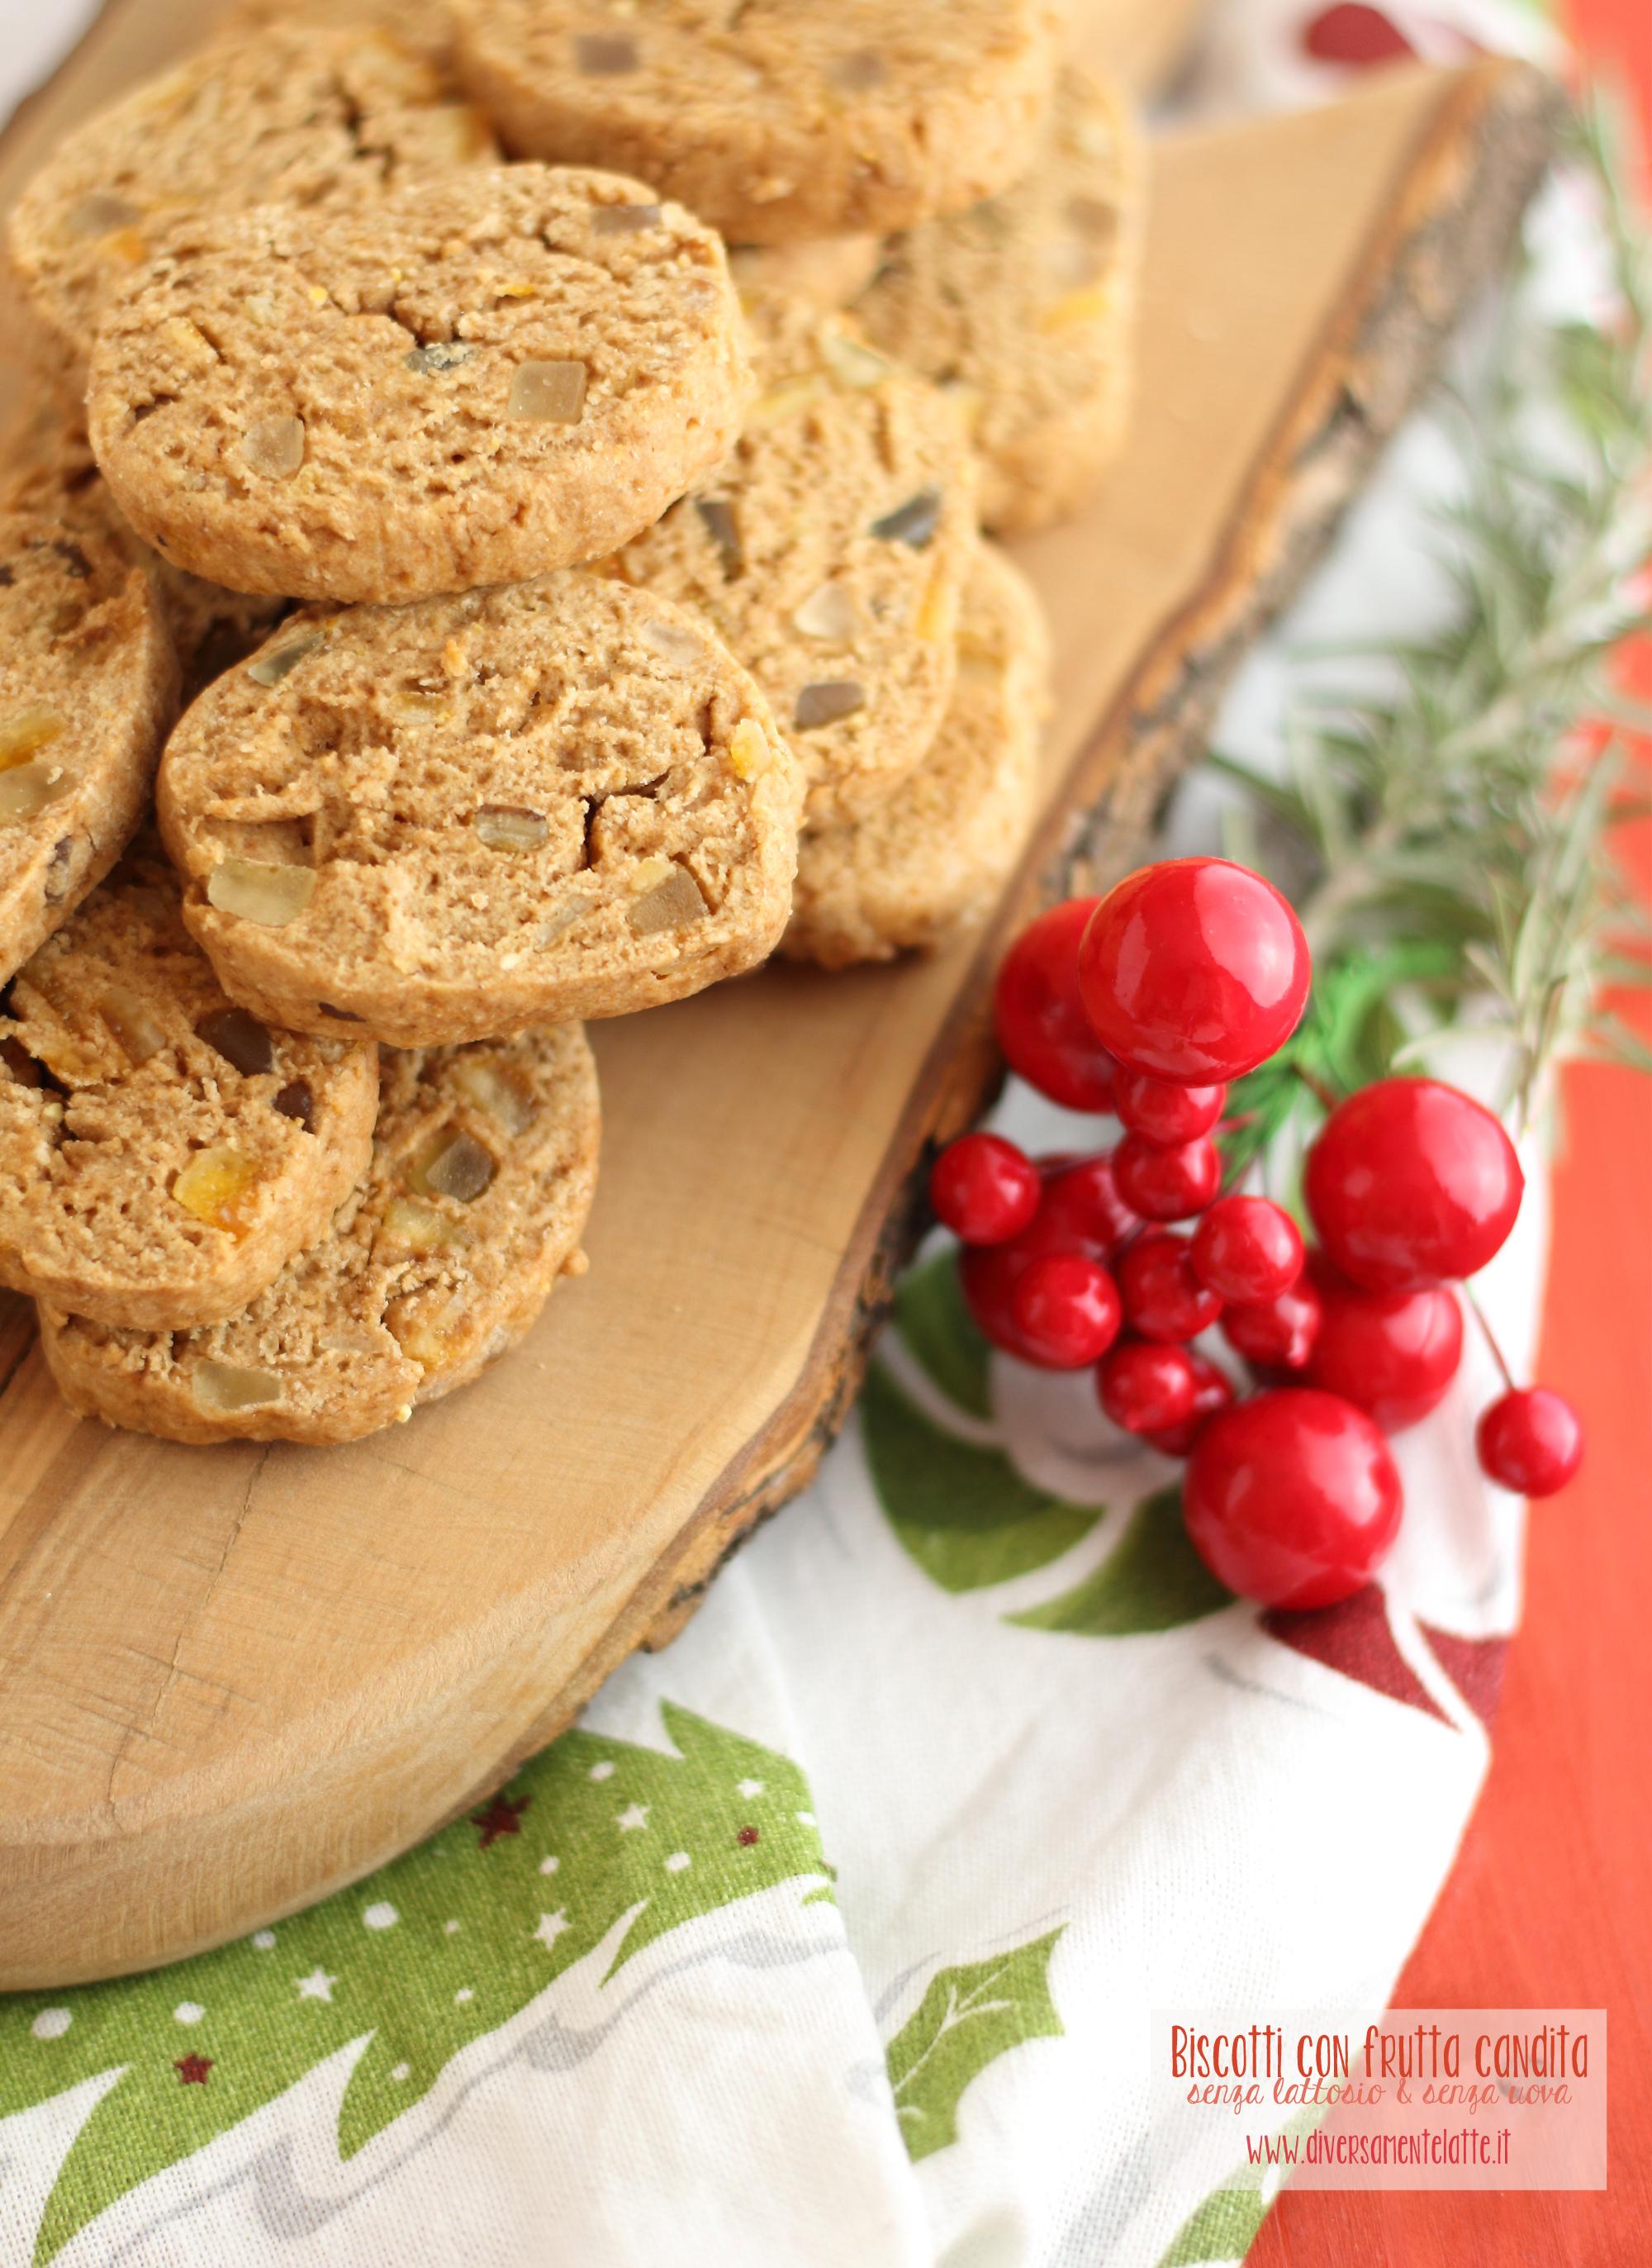 biscotti con canditi vegan